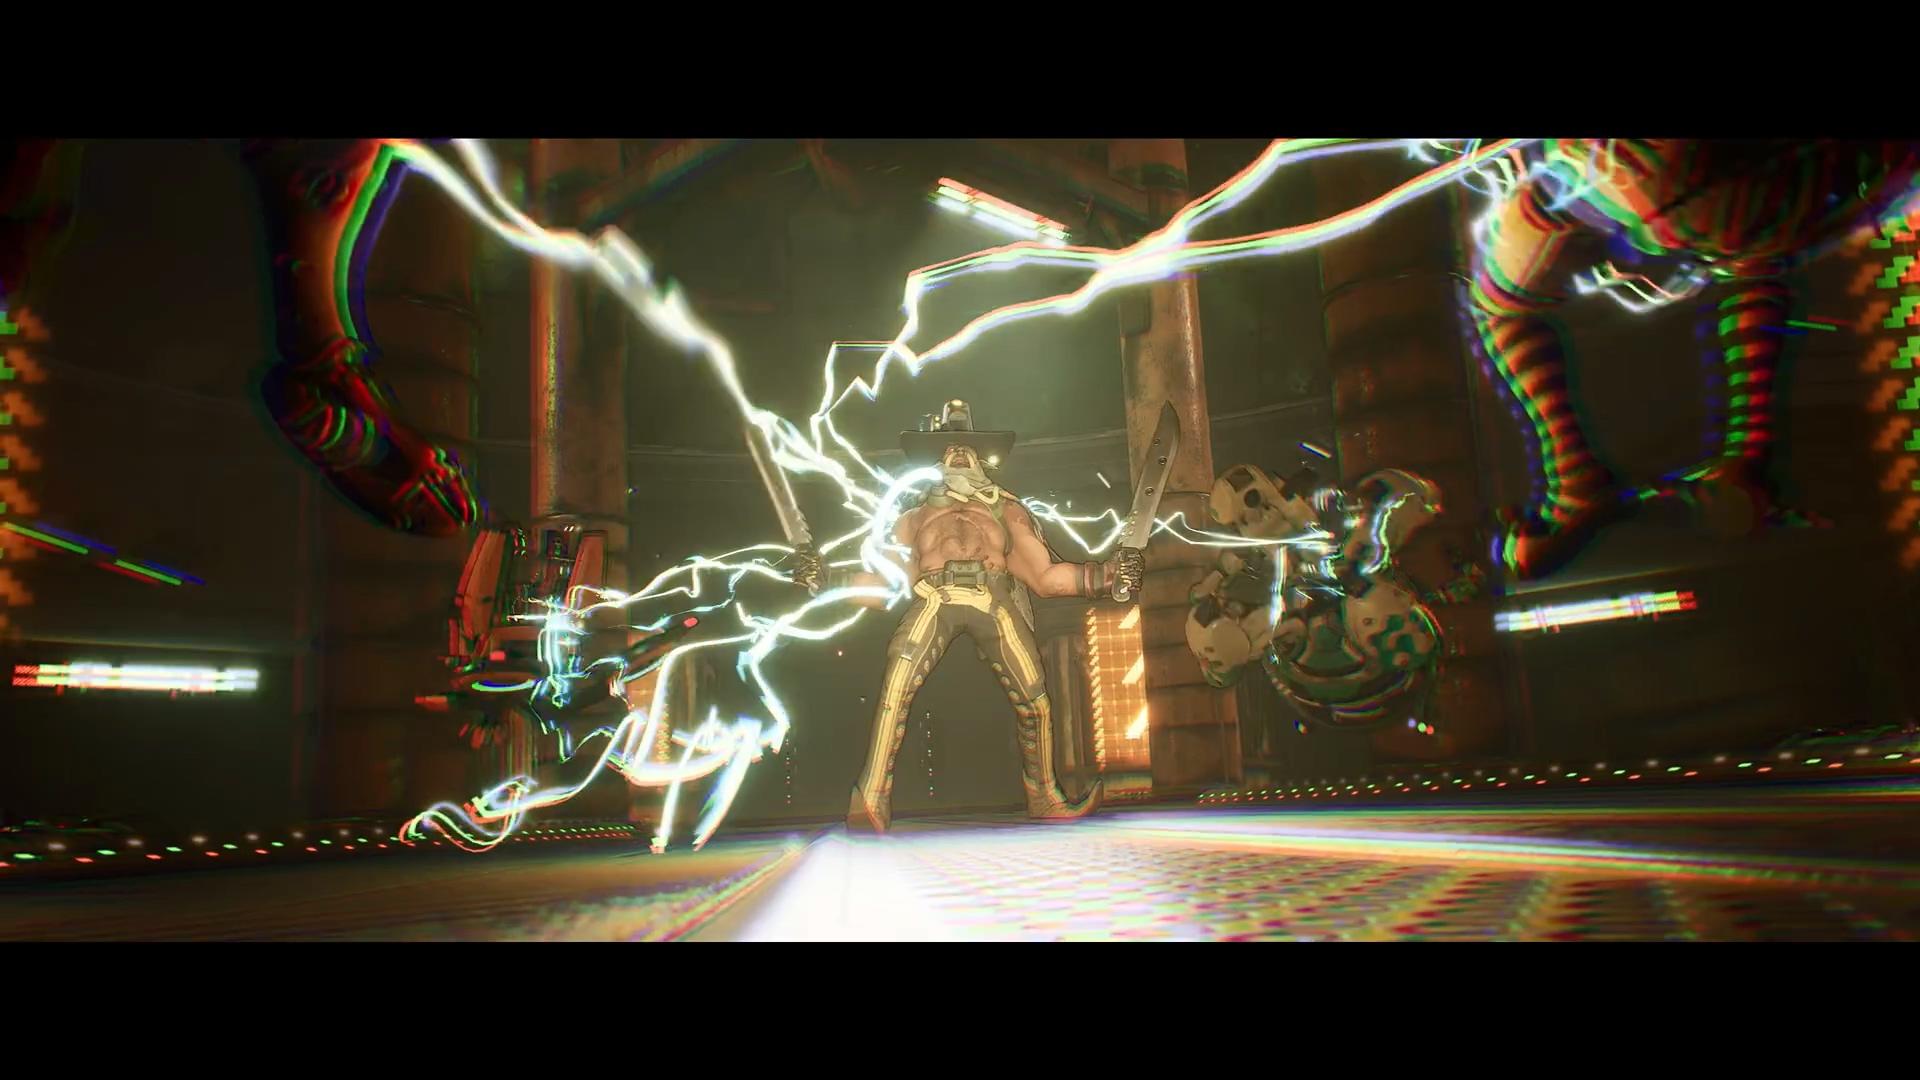 《地狱之刃》开发商组队新作《嗜血边缘》上市预告